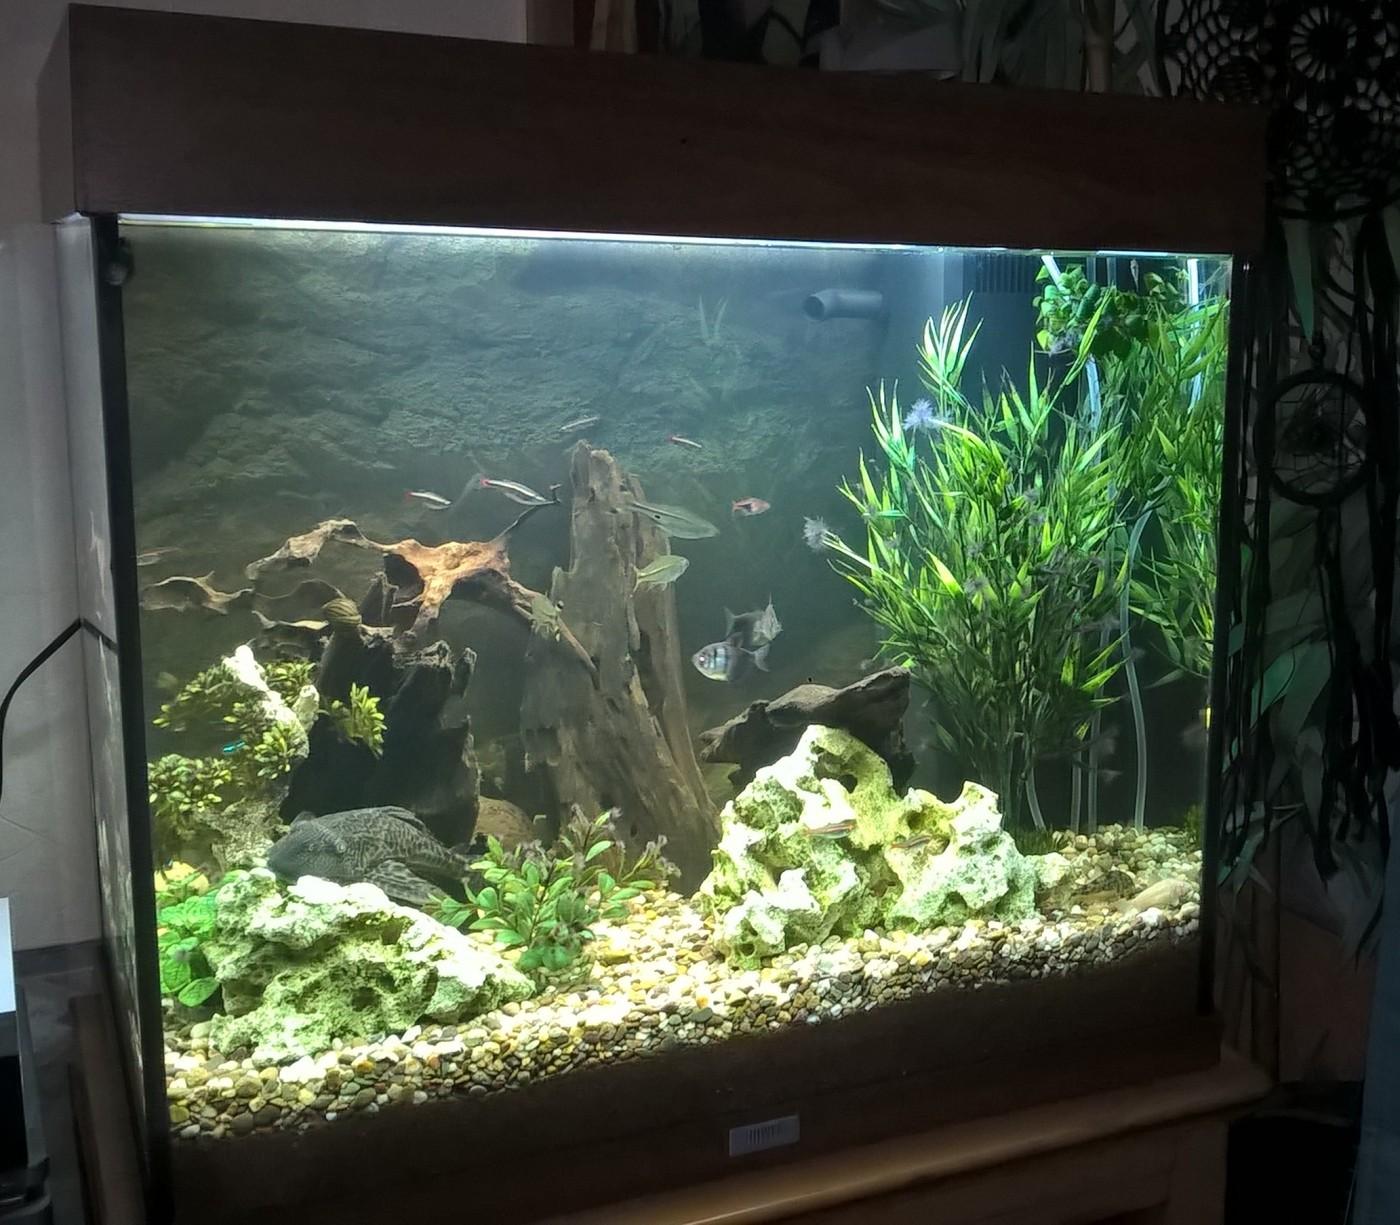 Quartz fonc pour aquarium sable et gravier aquarium - Gravier pour aquarium ...